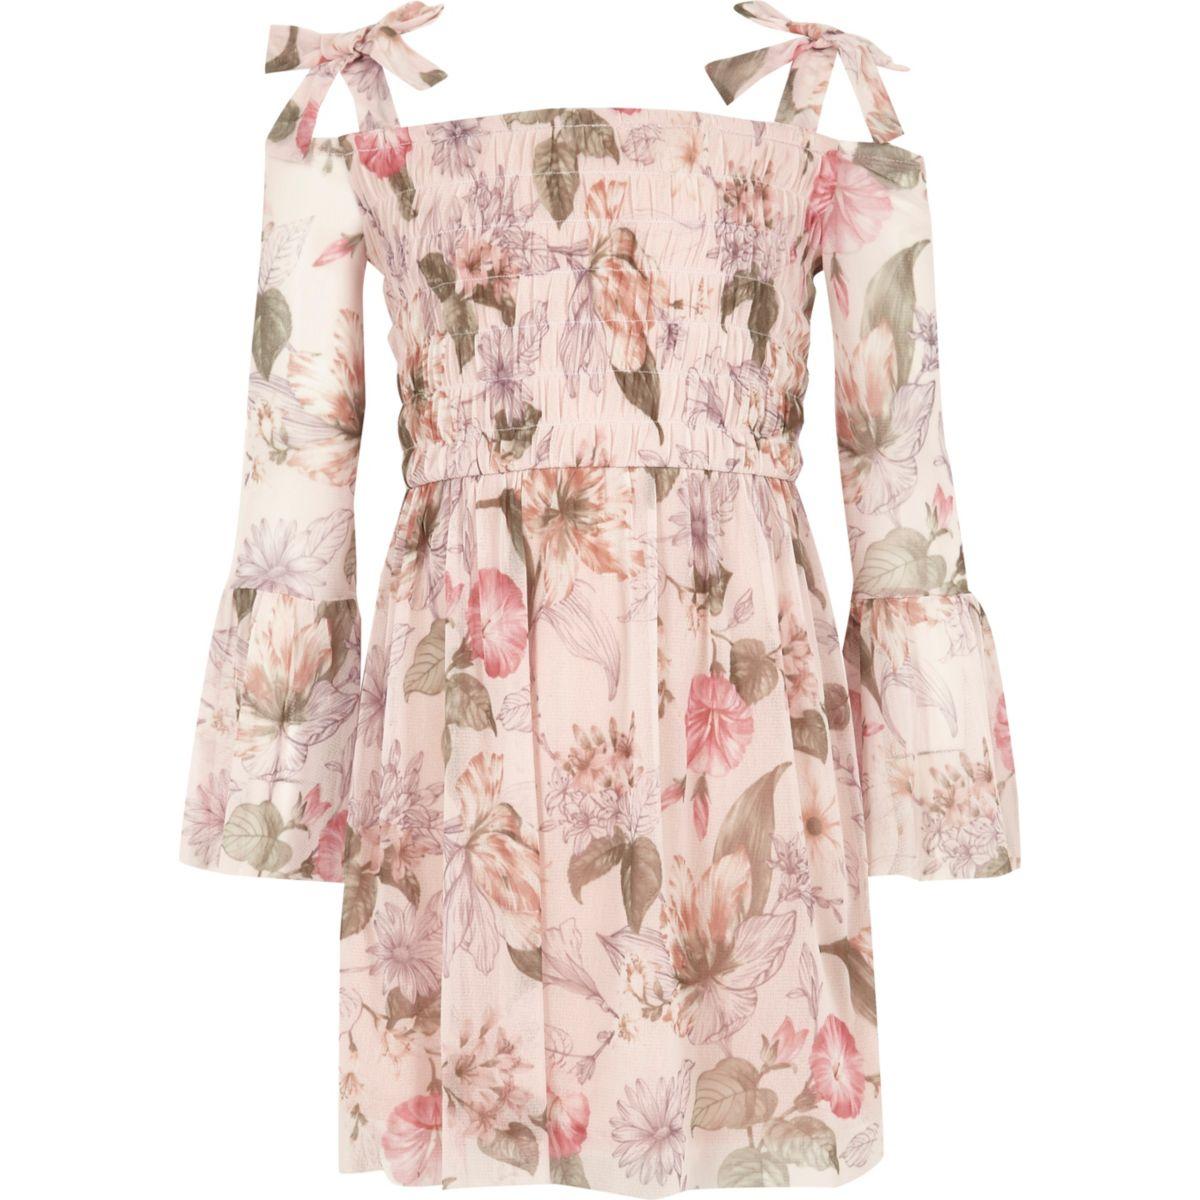 Girls pink floral bell sleeve bardot dress